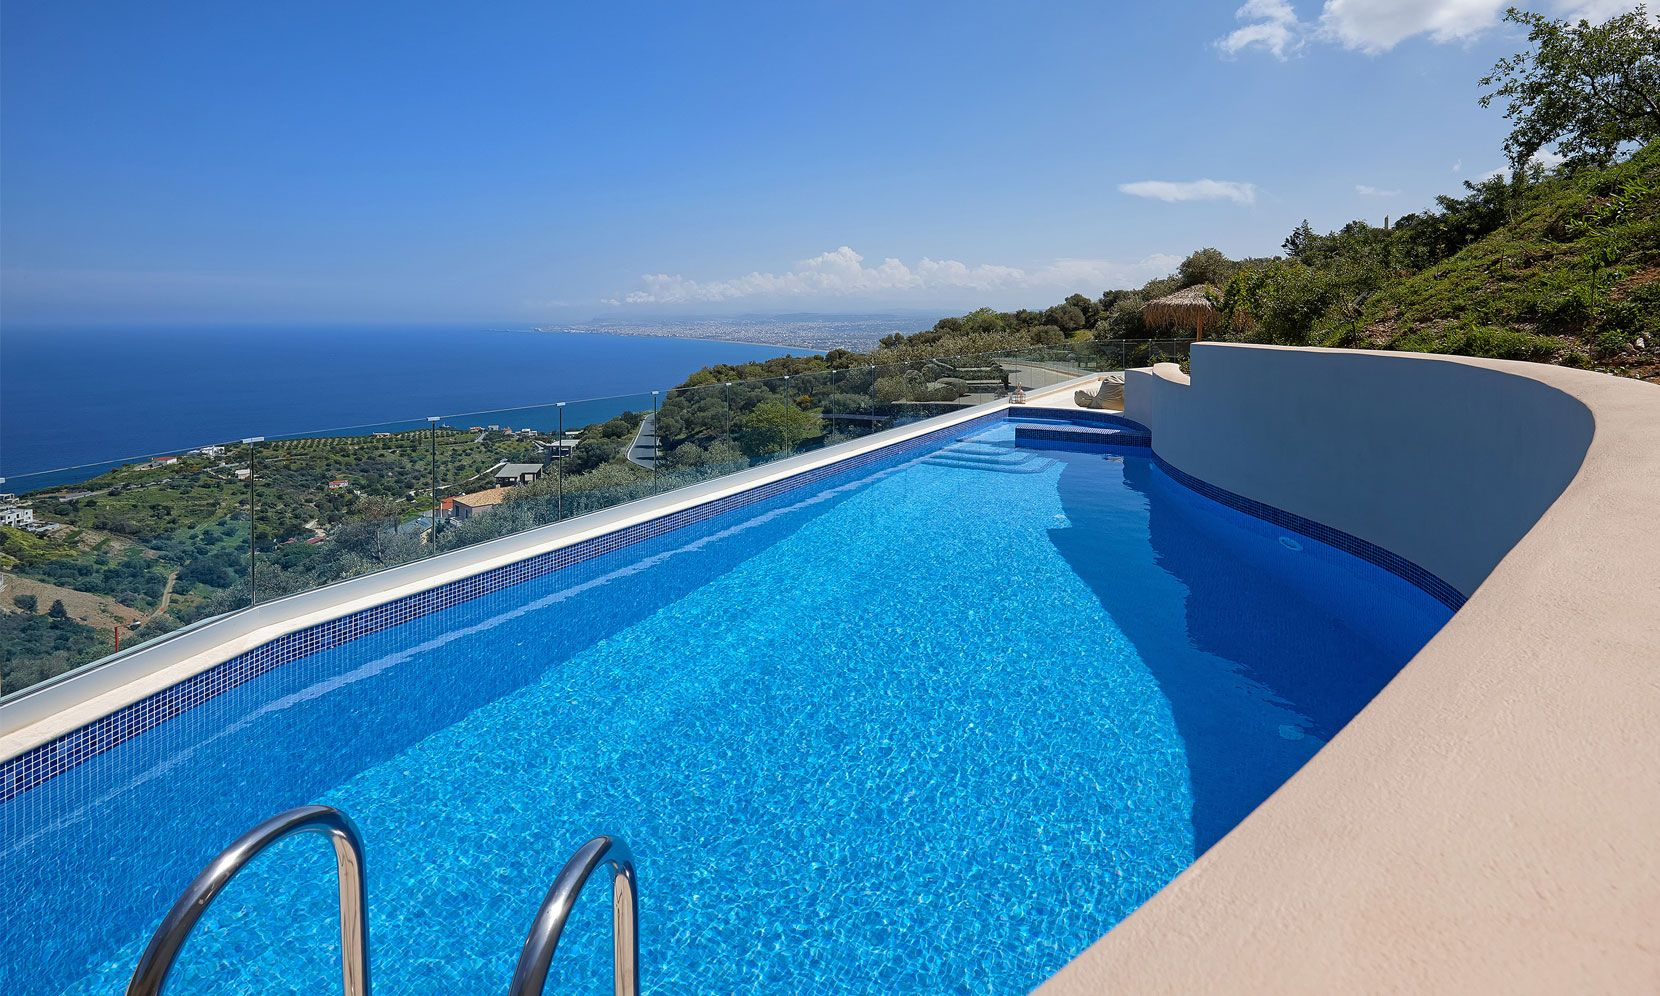 Crete Villa Belen jumbotron image